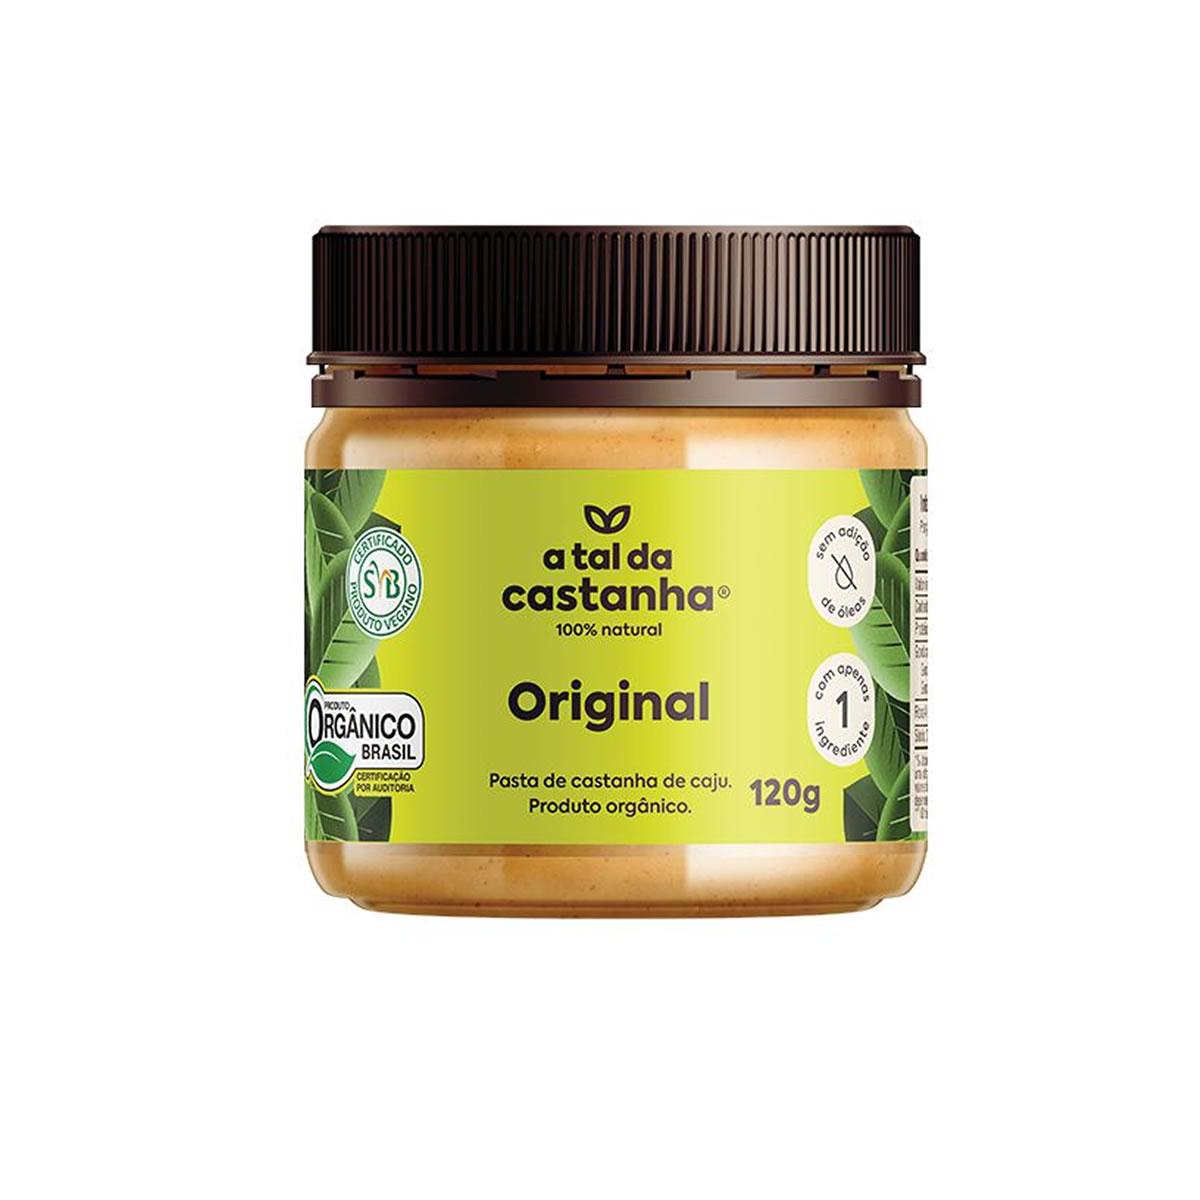 Pasta de Castanha de Caju Original Orgânico 120g - A Tal da Castanha